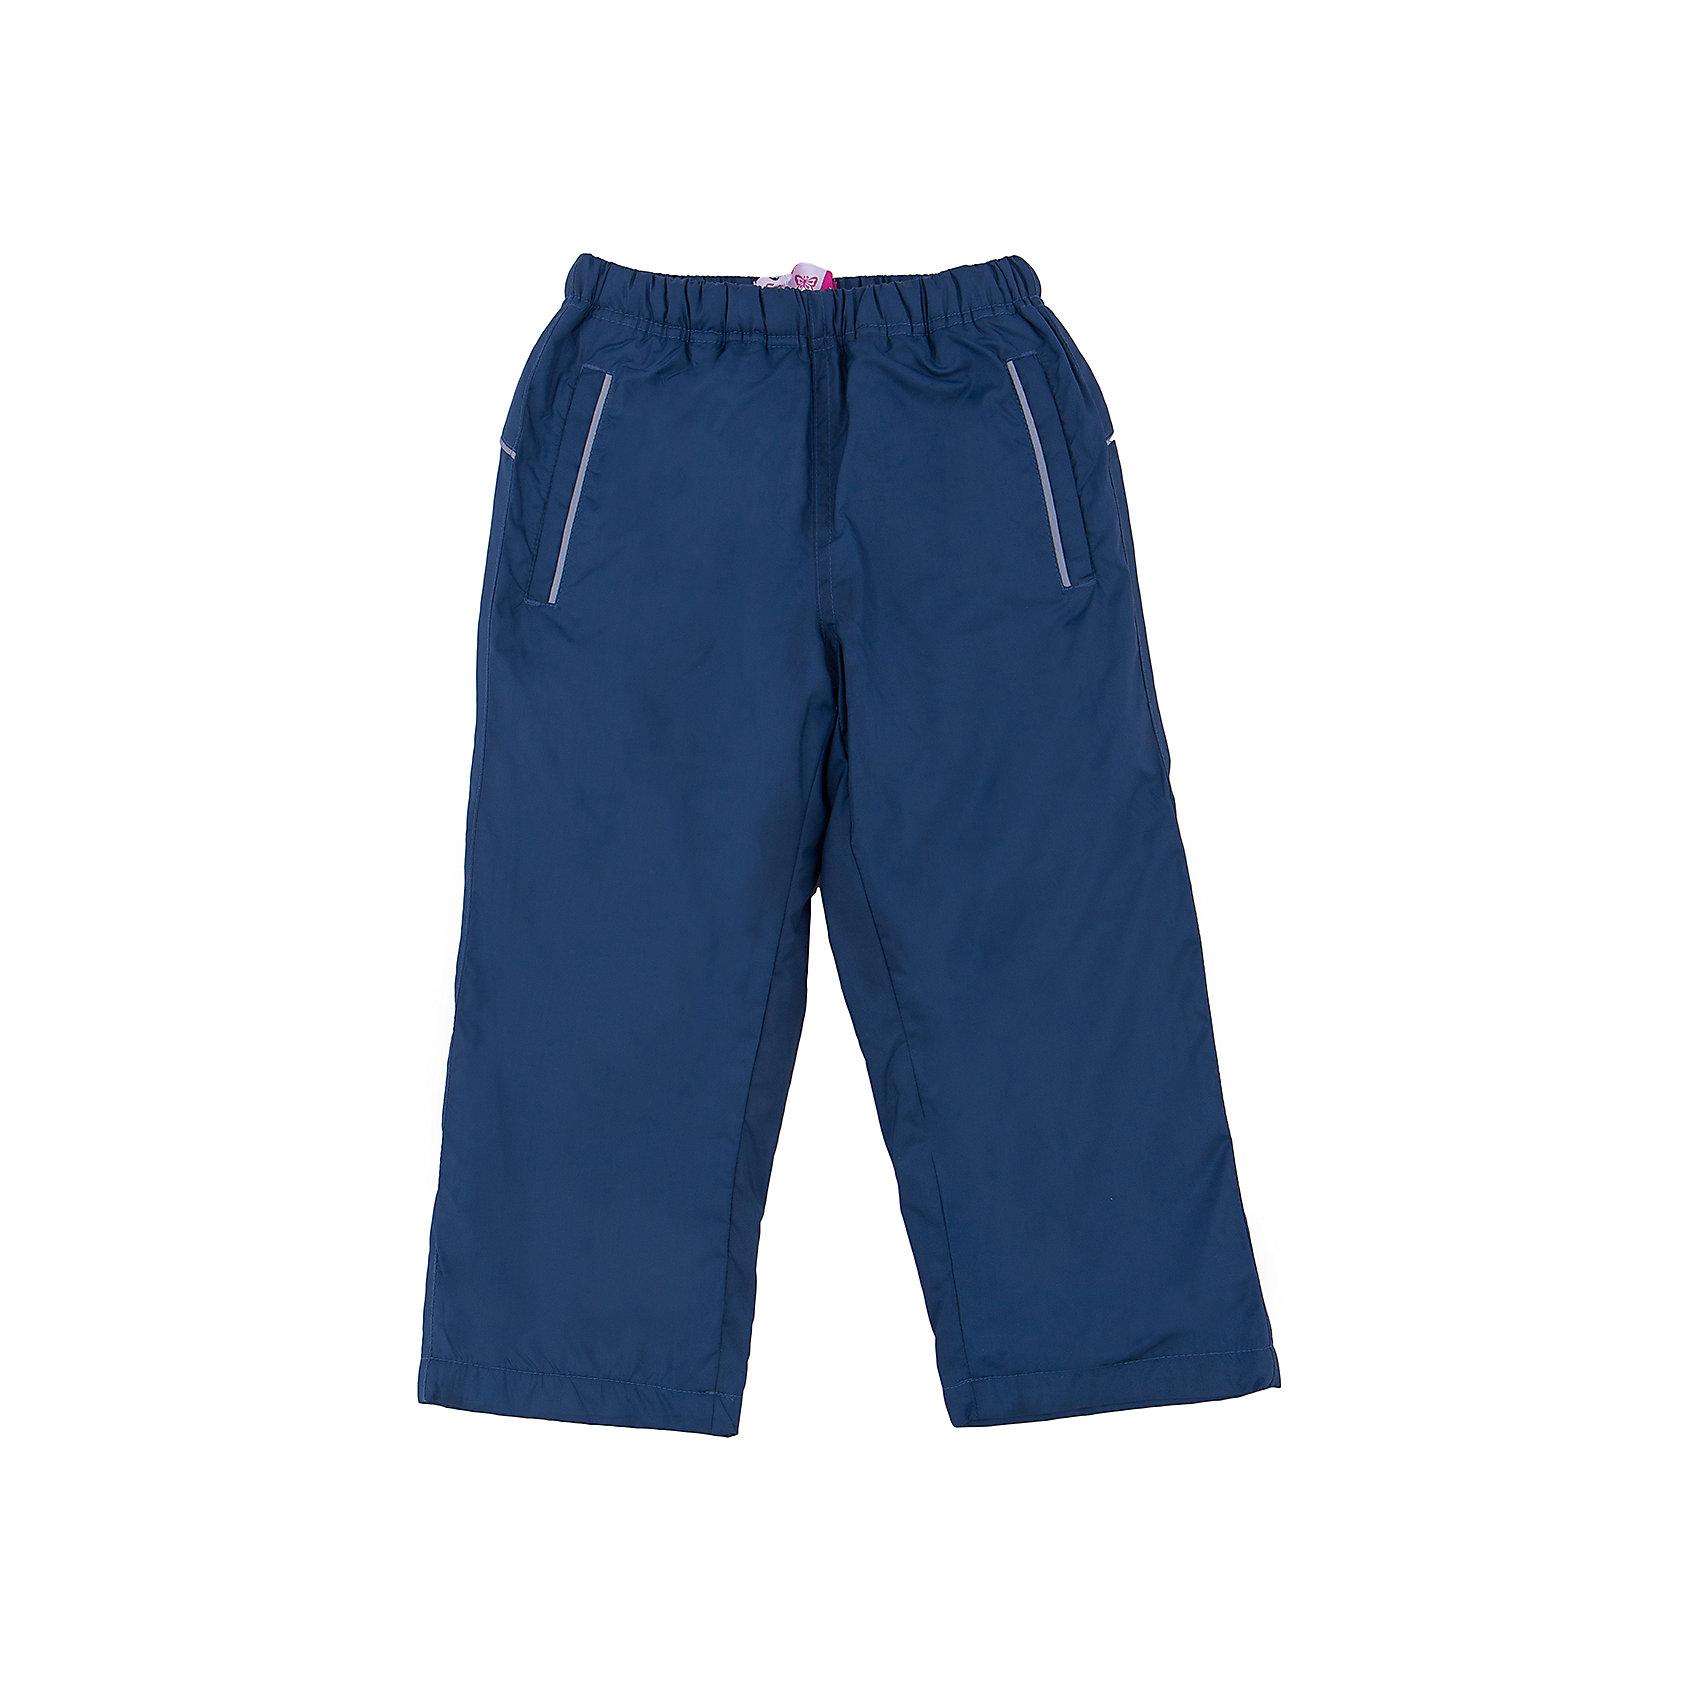 Брюки для девочки SELAСпортивная одежда<br>Спортивные брюки - незаменимая вещь в детском гардеробе. Эта модель отлично сидит на ребенке, она сшита из лекгкого материала, который обеспечивает ребенку комфорт. Модель станет отличной базовой вещью, которая будет уместна в различных сочетаниях.<br>Одежда от бренда Sela (Села) - это качество по приемлемым ценам. Многие российские родители уже оценили преимущества продукции этой компании и всё чаще приобретают одежду и аксессуары Sela.<br><br>Дополнительная информация:<br><br>материал: 100% ПЭ; подкладка:100% ПЭ;<br>удобная посадка;<br>резинка в поясе.<br><br>Брюки для девочки от бренда Sela можно купить в нашем интернет-магазине.<br><br>Ширина мм: 215<br>Глубина мм: 88<br>Высота мм: 191<br>Вес г: 336<br>Цвет: синий<br>Возраст от месяцев: 60<br>Возраст до месяцев: 72<br>Пол: Женский<br>Возраст: Детский<br>Размер: 116,92,98,104,110<br>SKU: 4919357